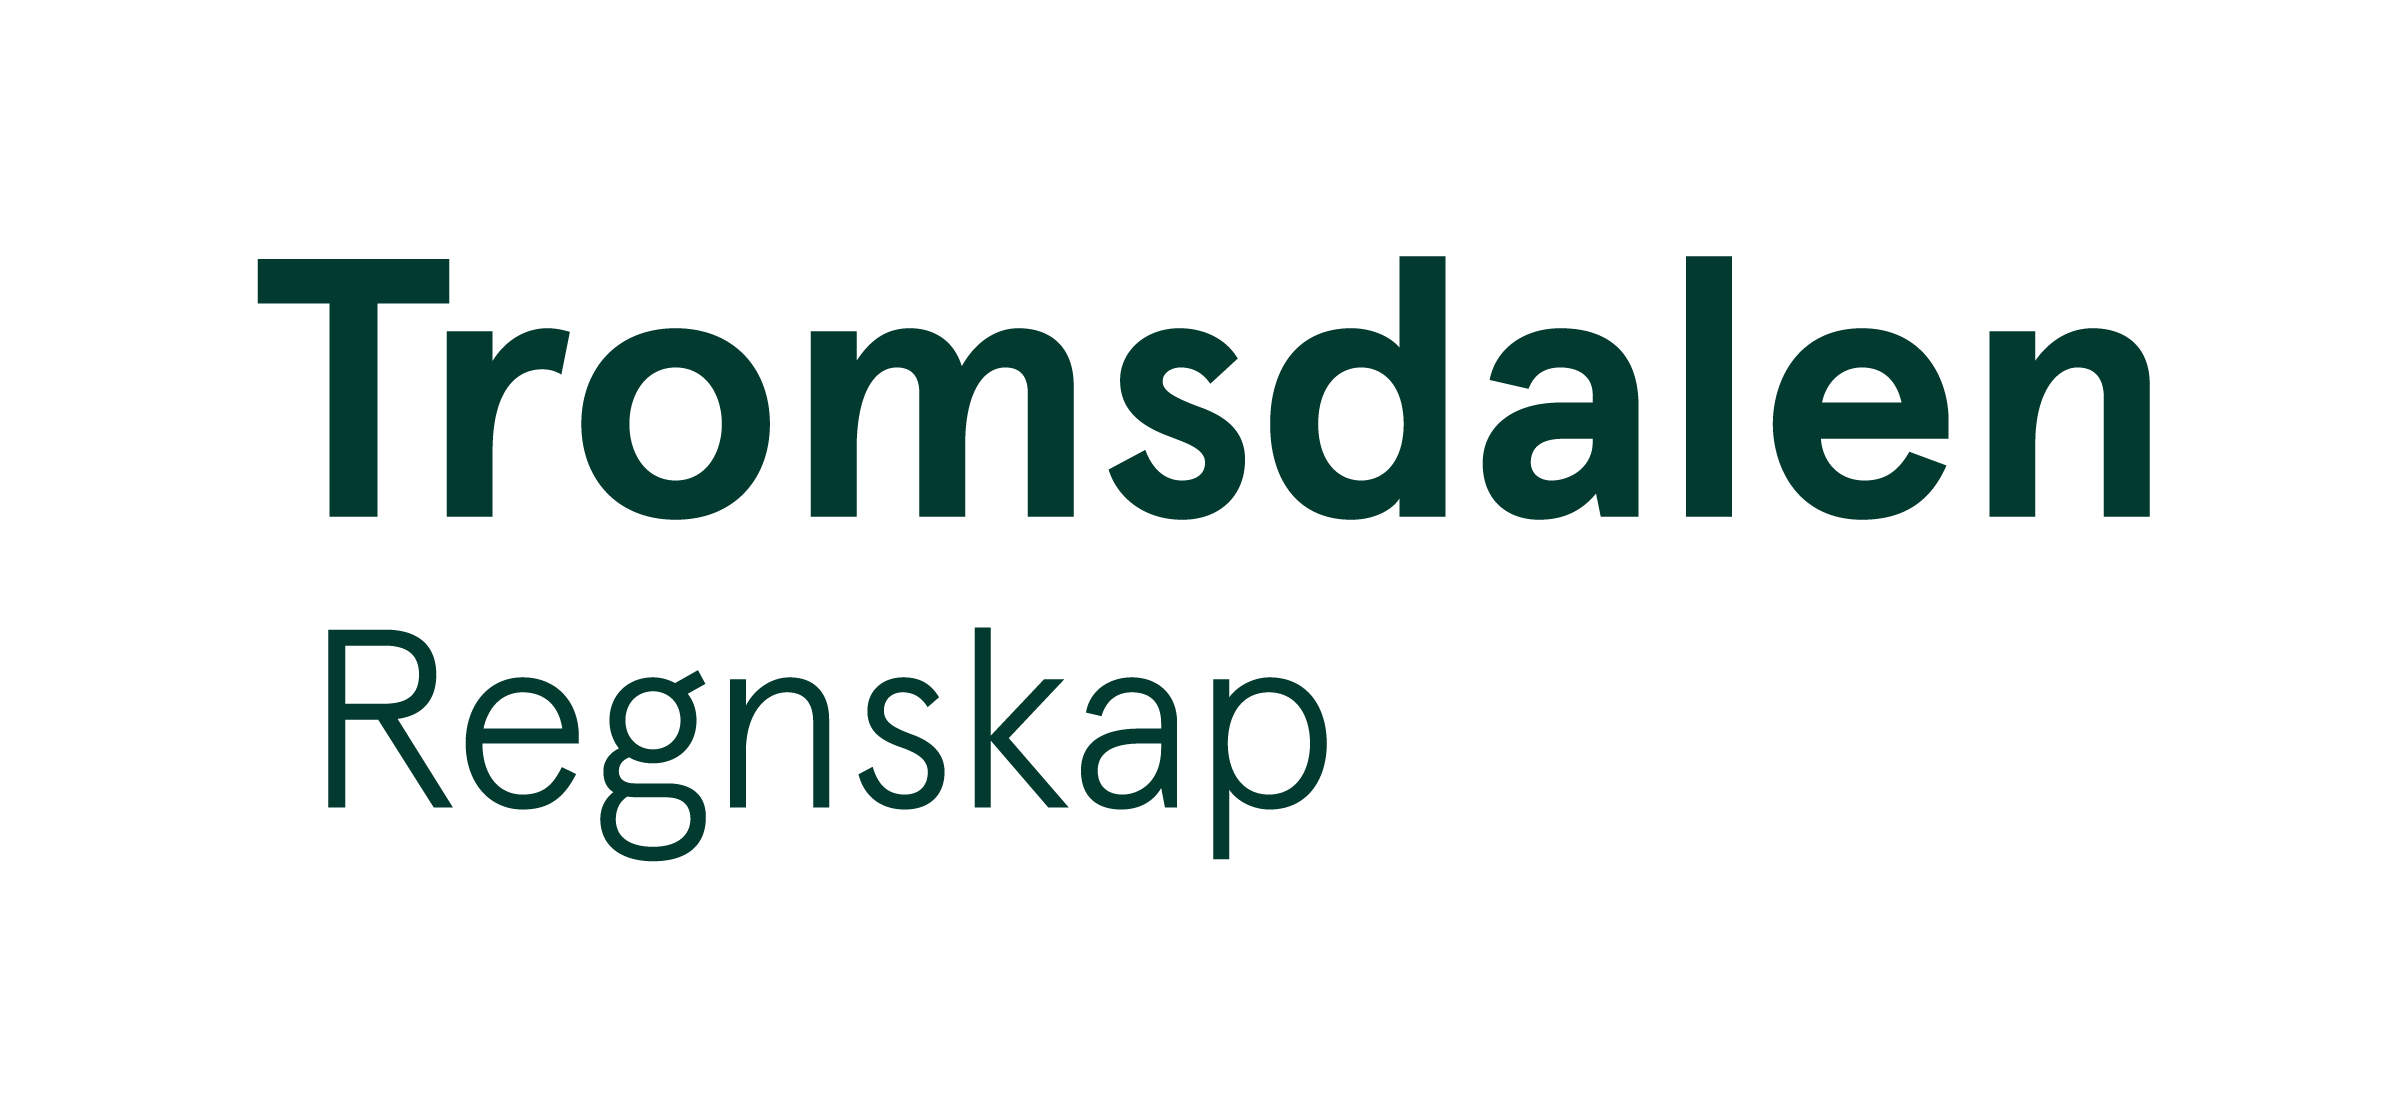 Tromsdalen Regnskap